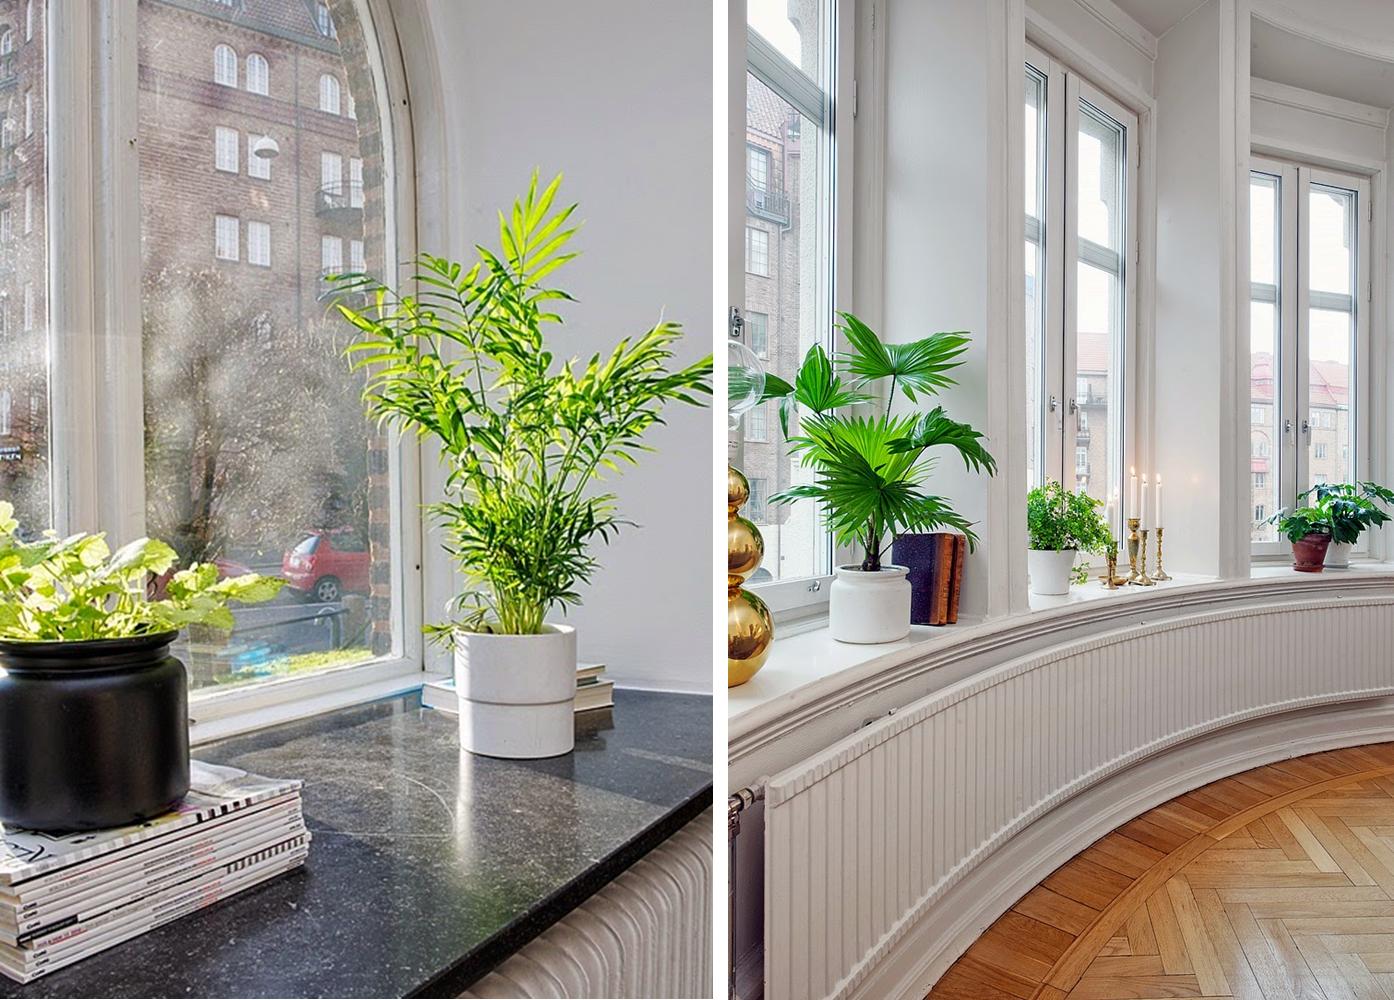 Plantas en las repisas decoracion con plantas - Plantas interior ikea ...